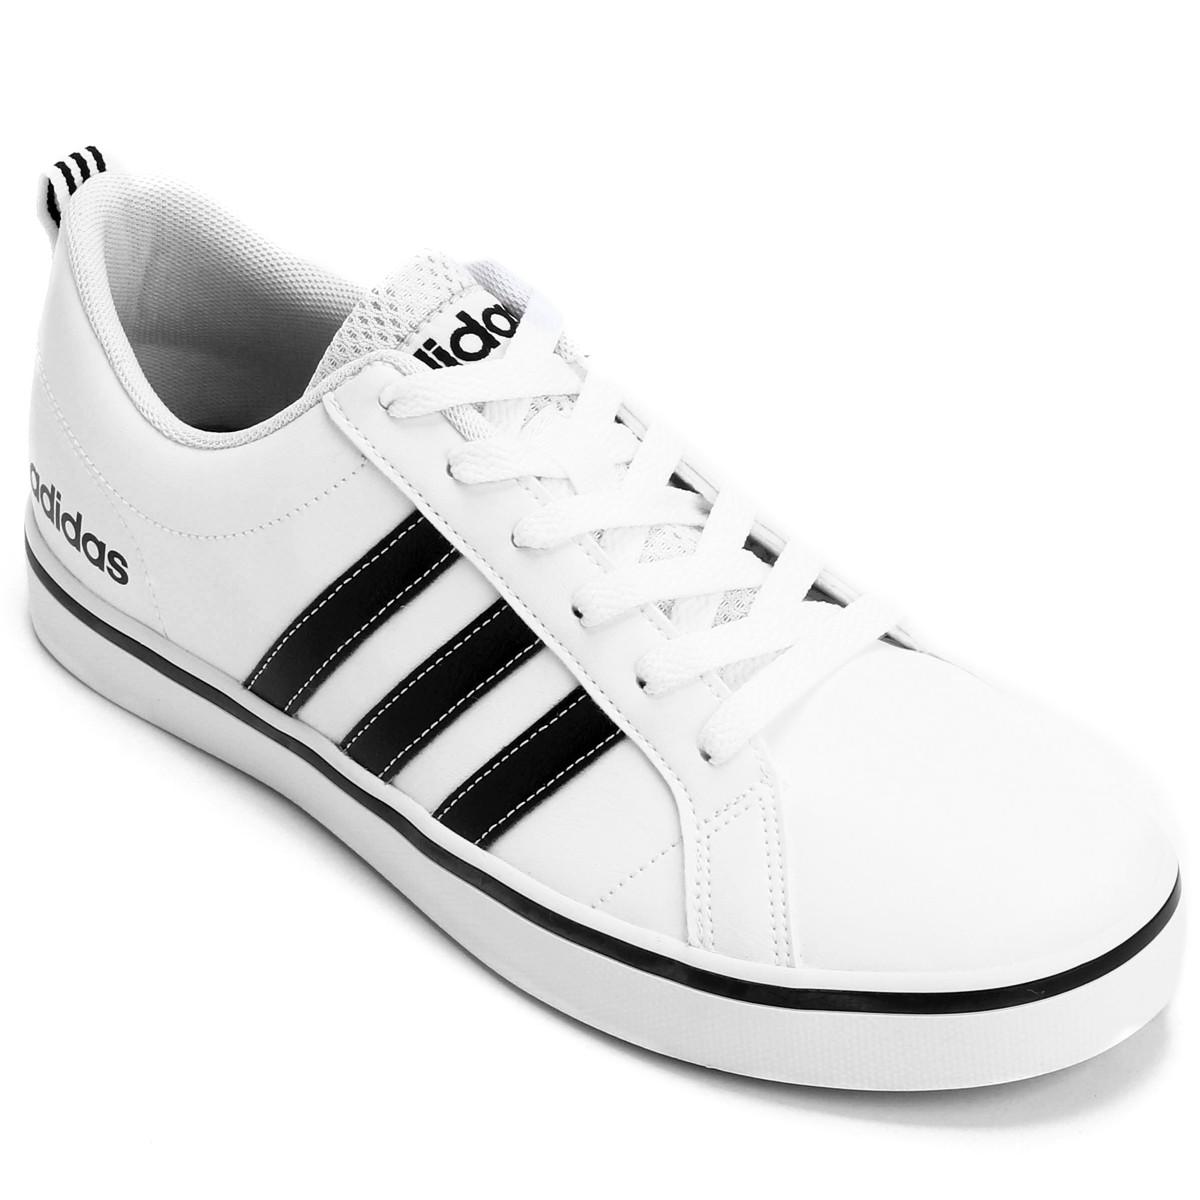 6f99bc7dfe6 Tênis Masculino Adidas Pace Vs AW4594 - Branco Preto - Botas Online ...